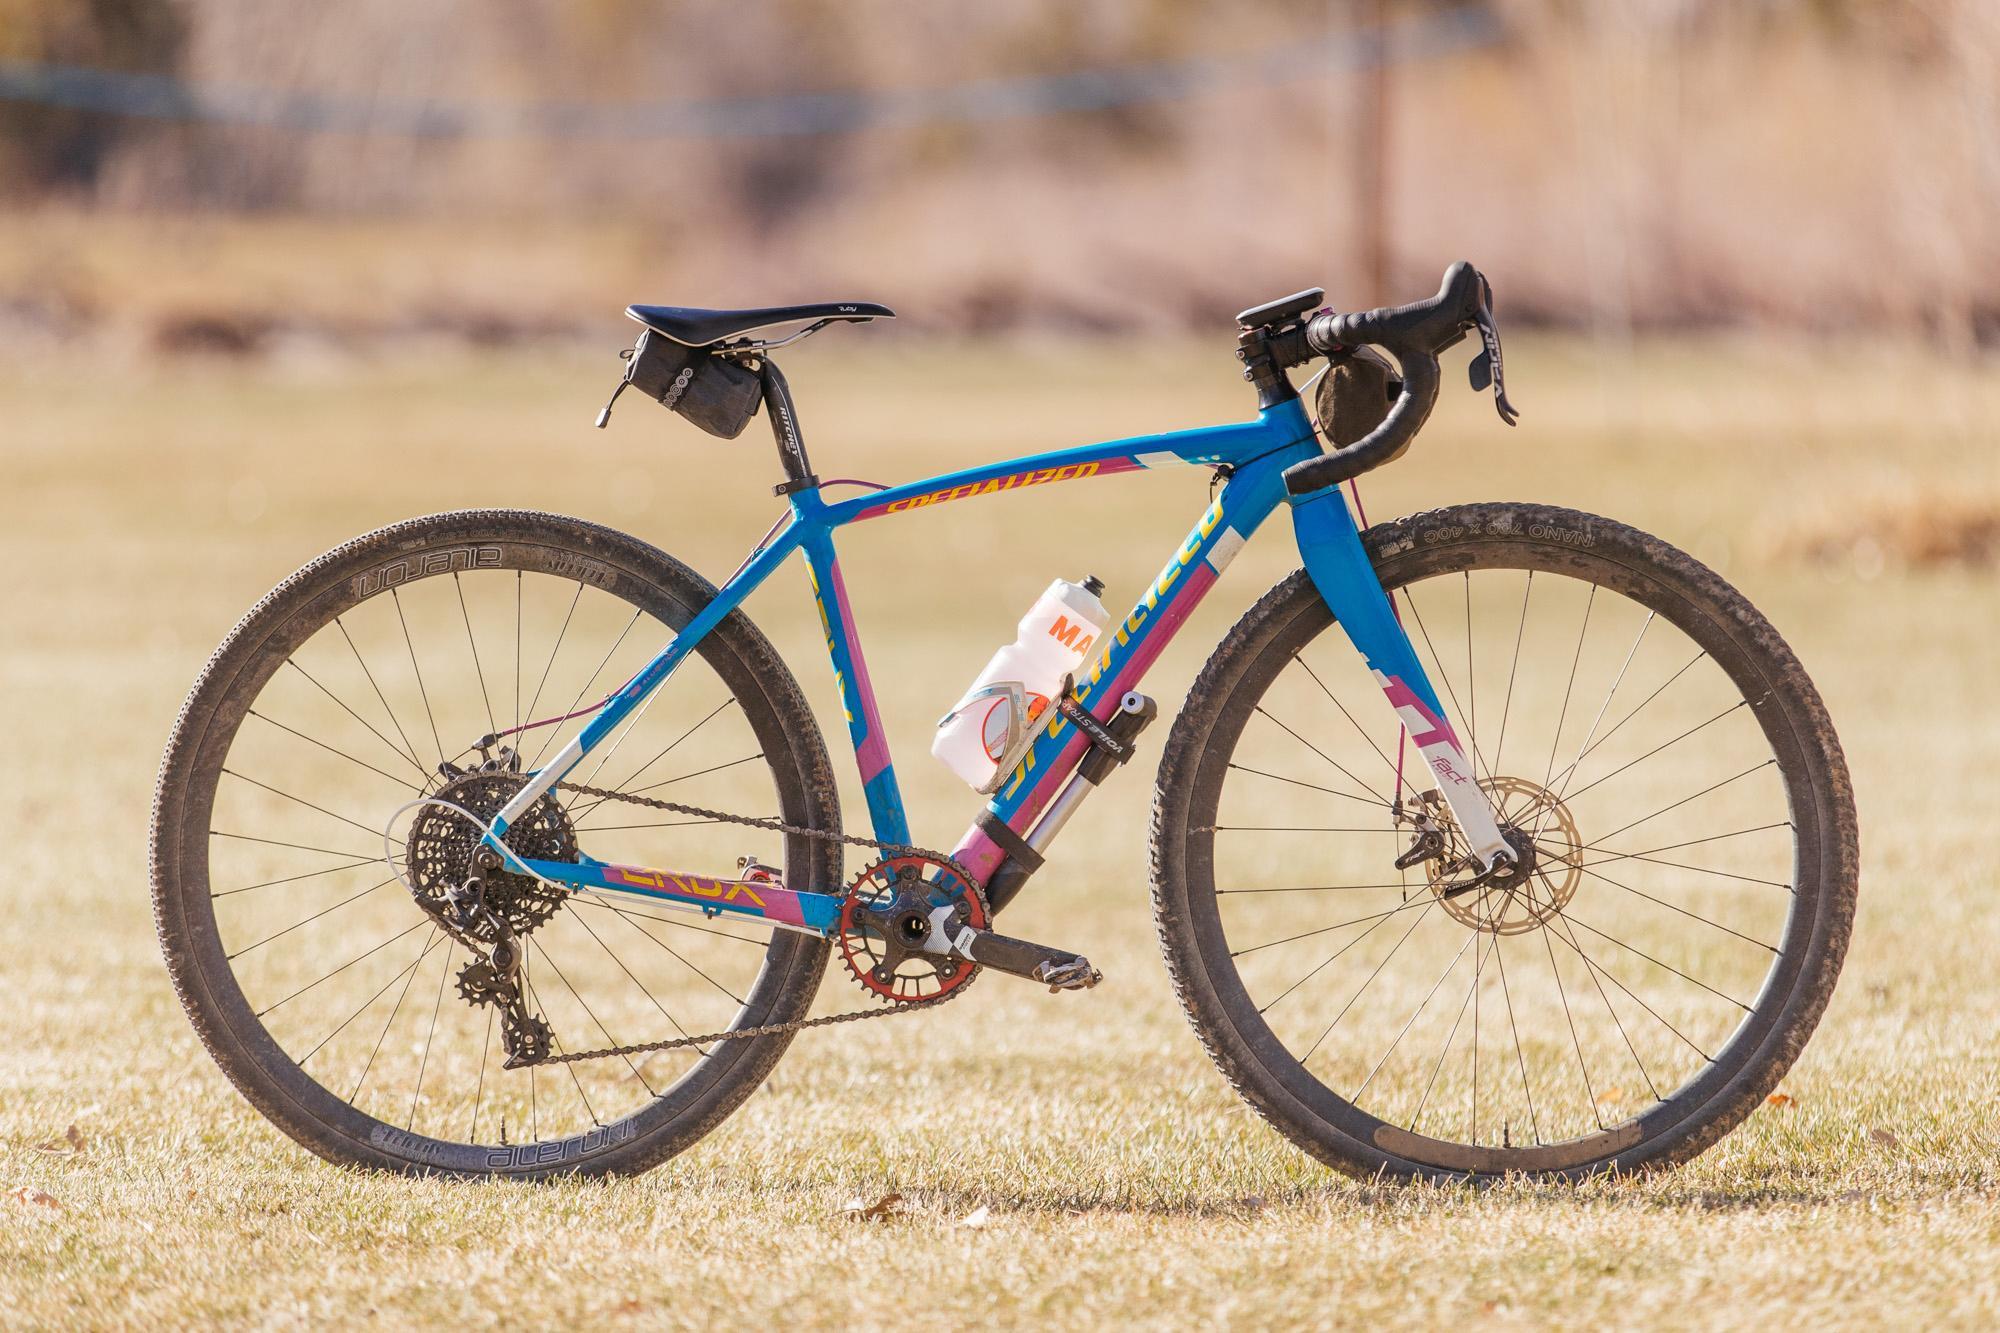 Steph's bike